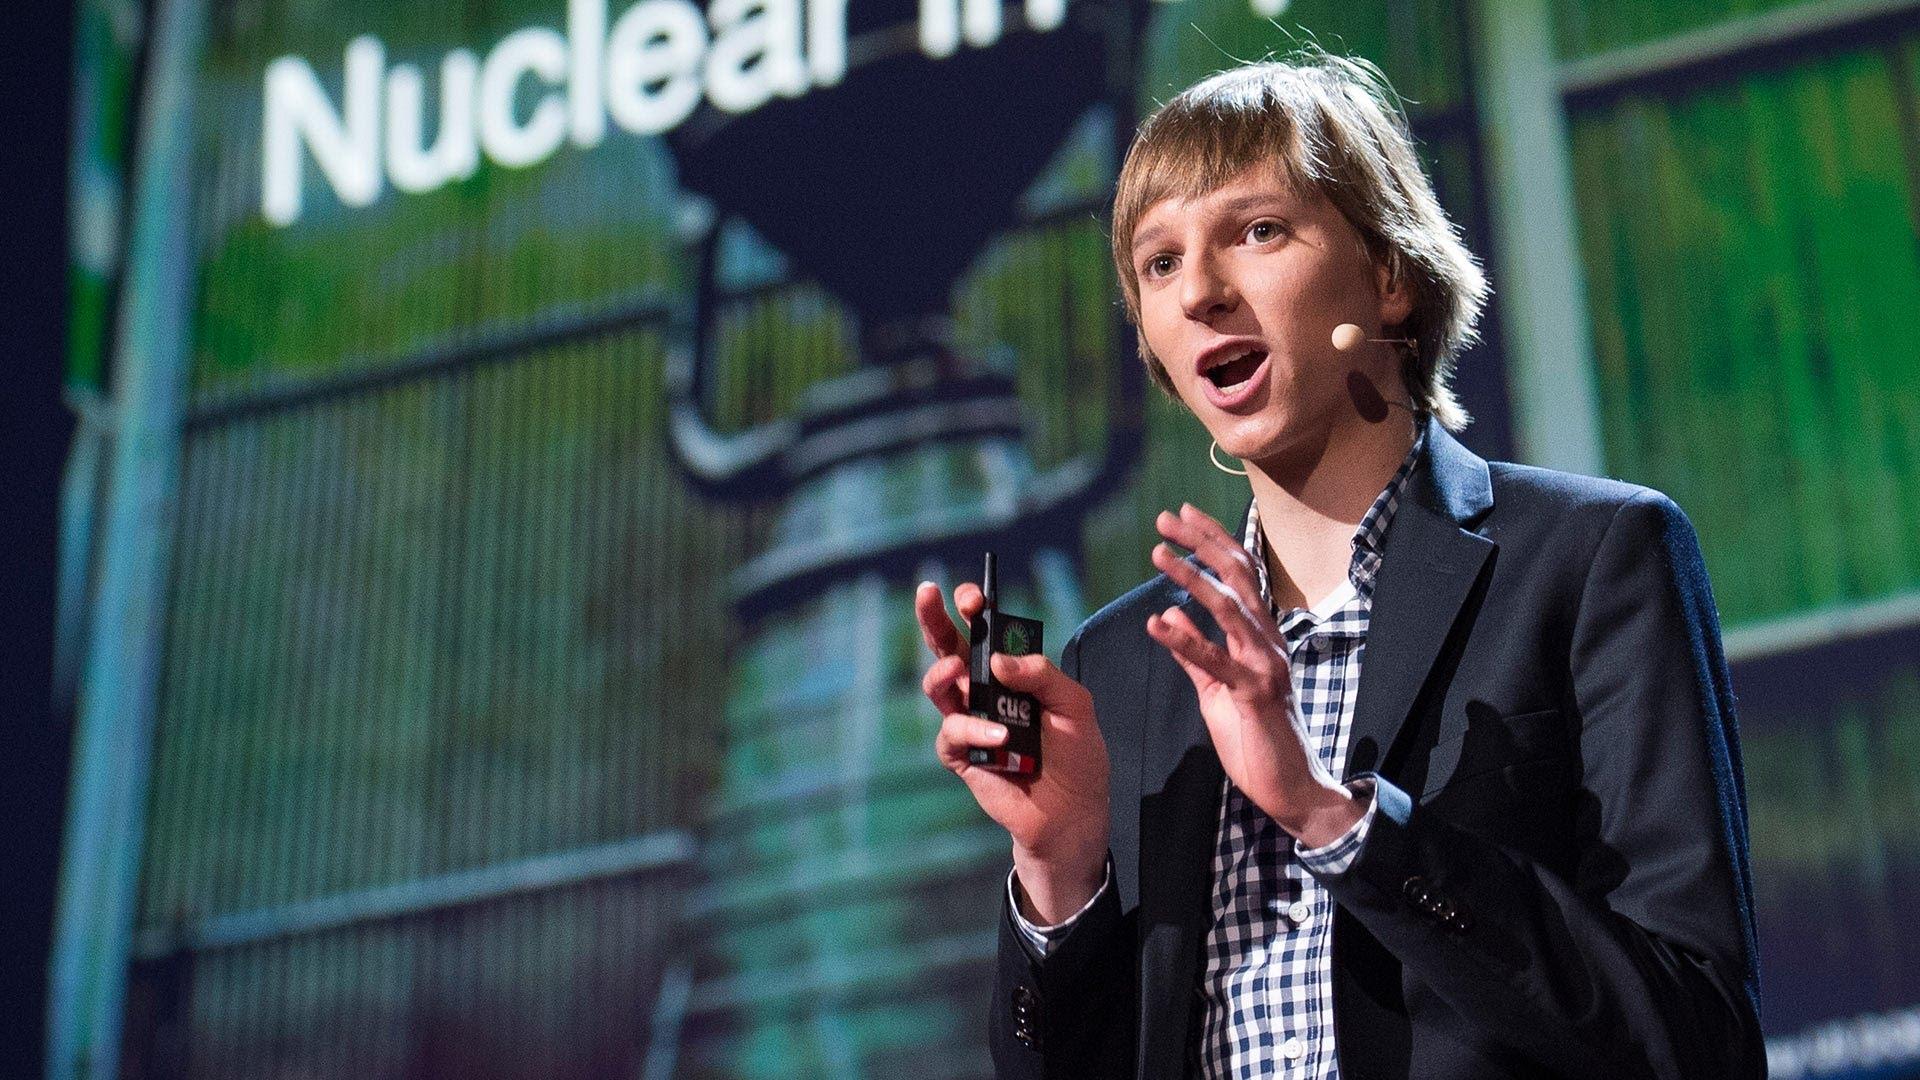 Taylor Wilson beim TED-Talk: Ich bin Taylor Wilson, 17 Jahre alt und Kernphysiker.